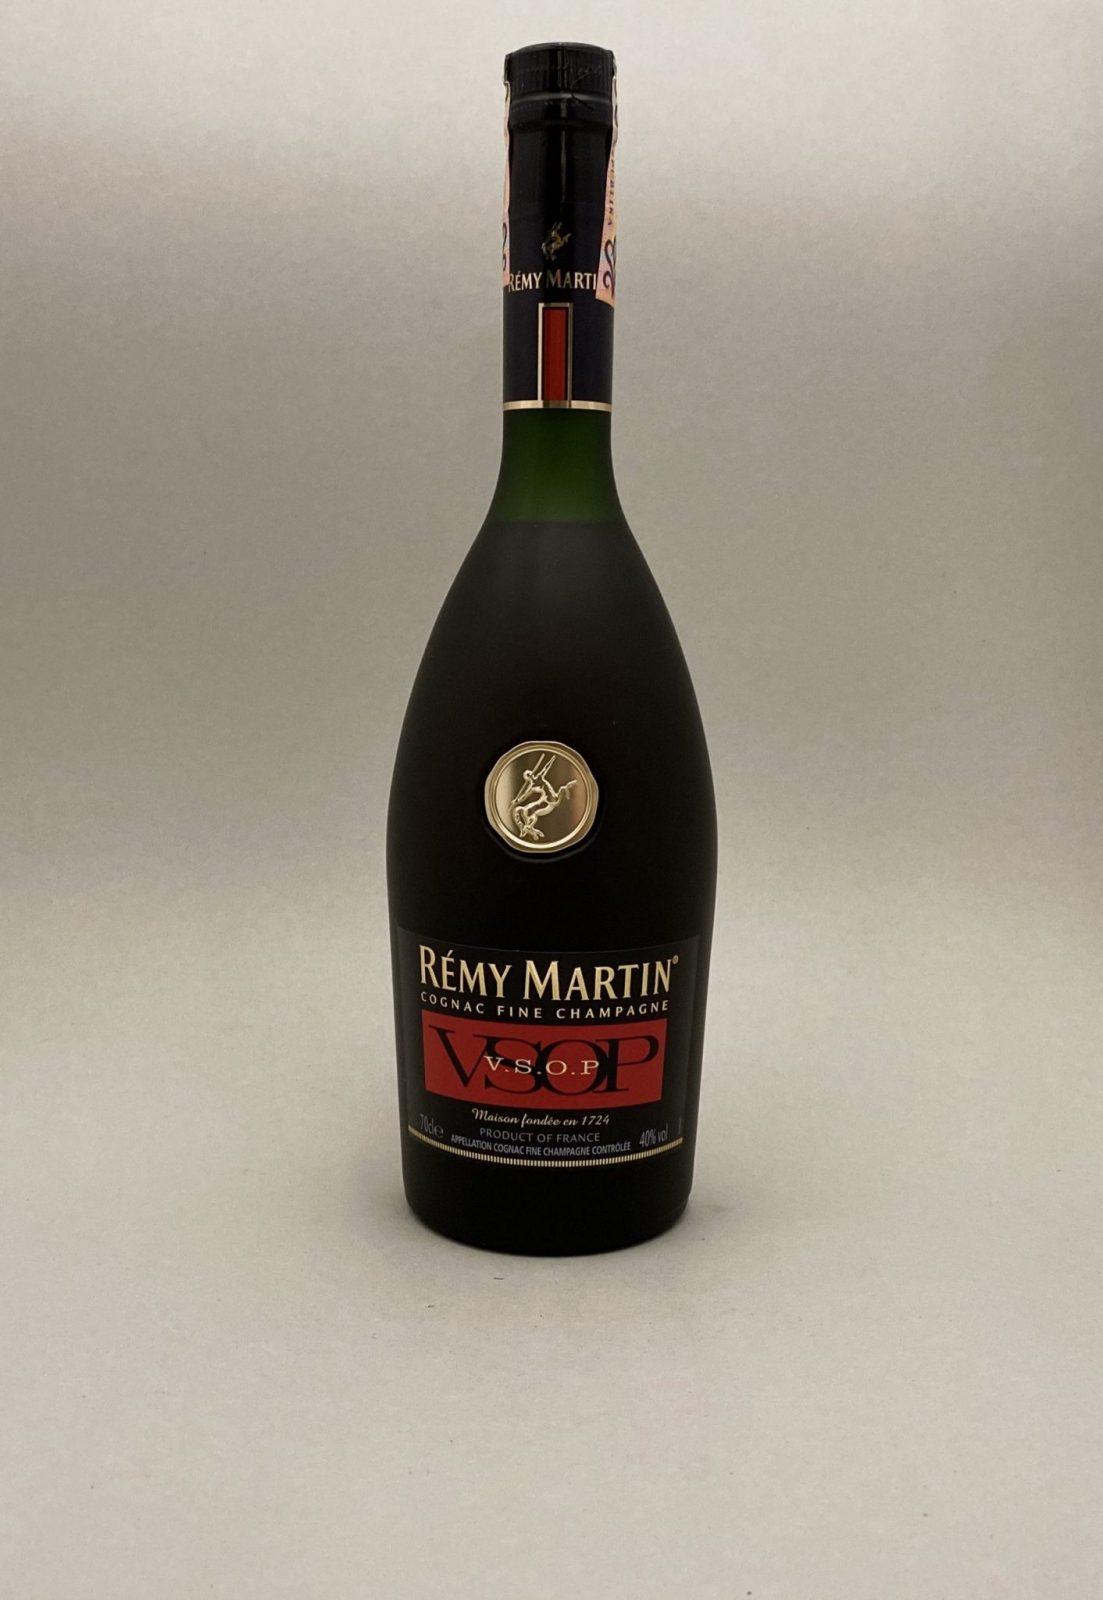 Rémy Martin V.S.O.P 40%, Bottleshop Sunny wines slnecnice mesto, petrzalka, koňak, rozvoz alkoholu, eshop